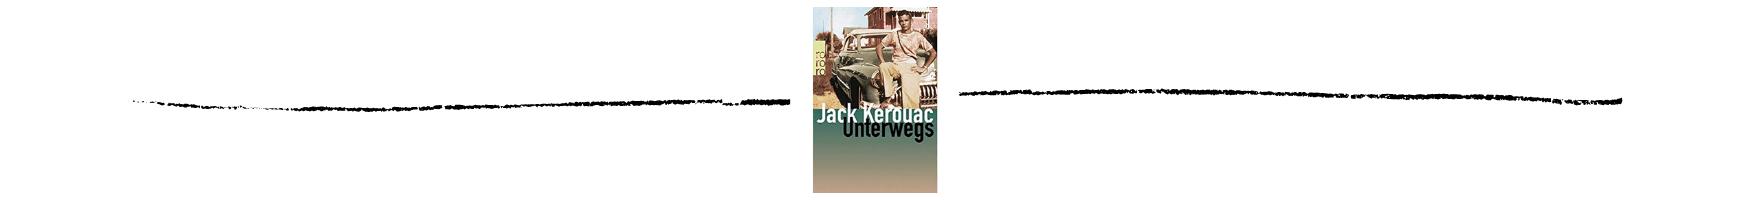 Unterwegs von Jack Kerouac